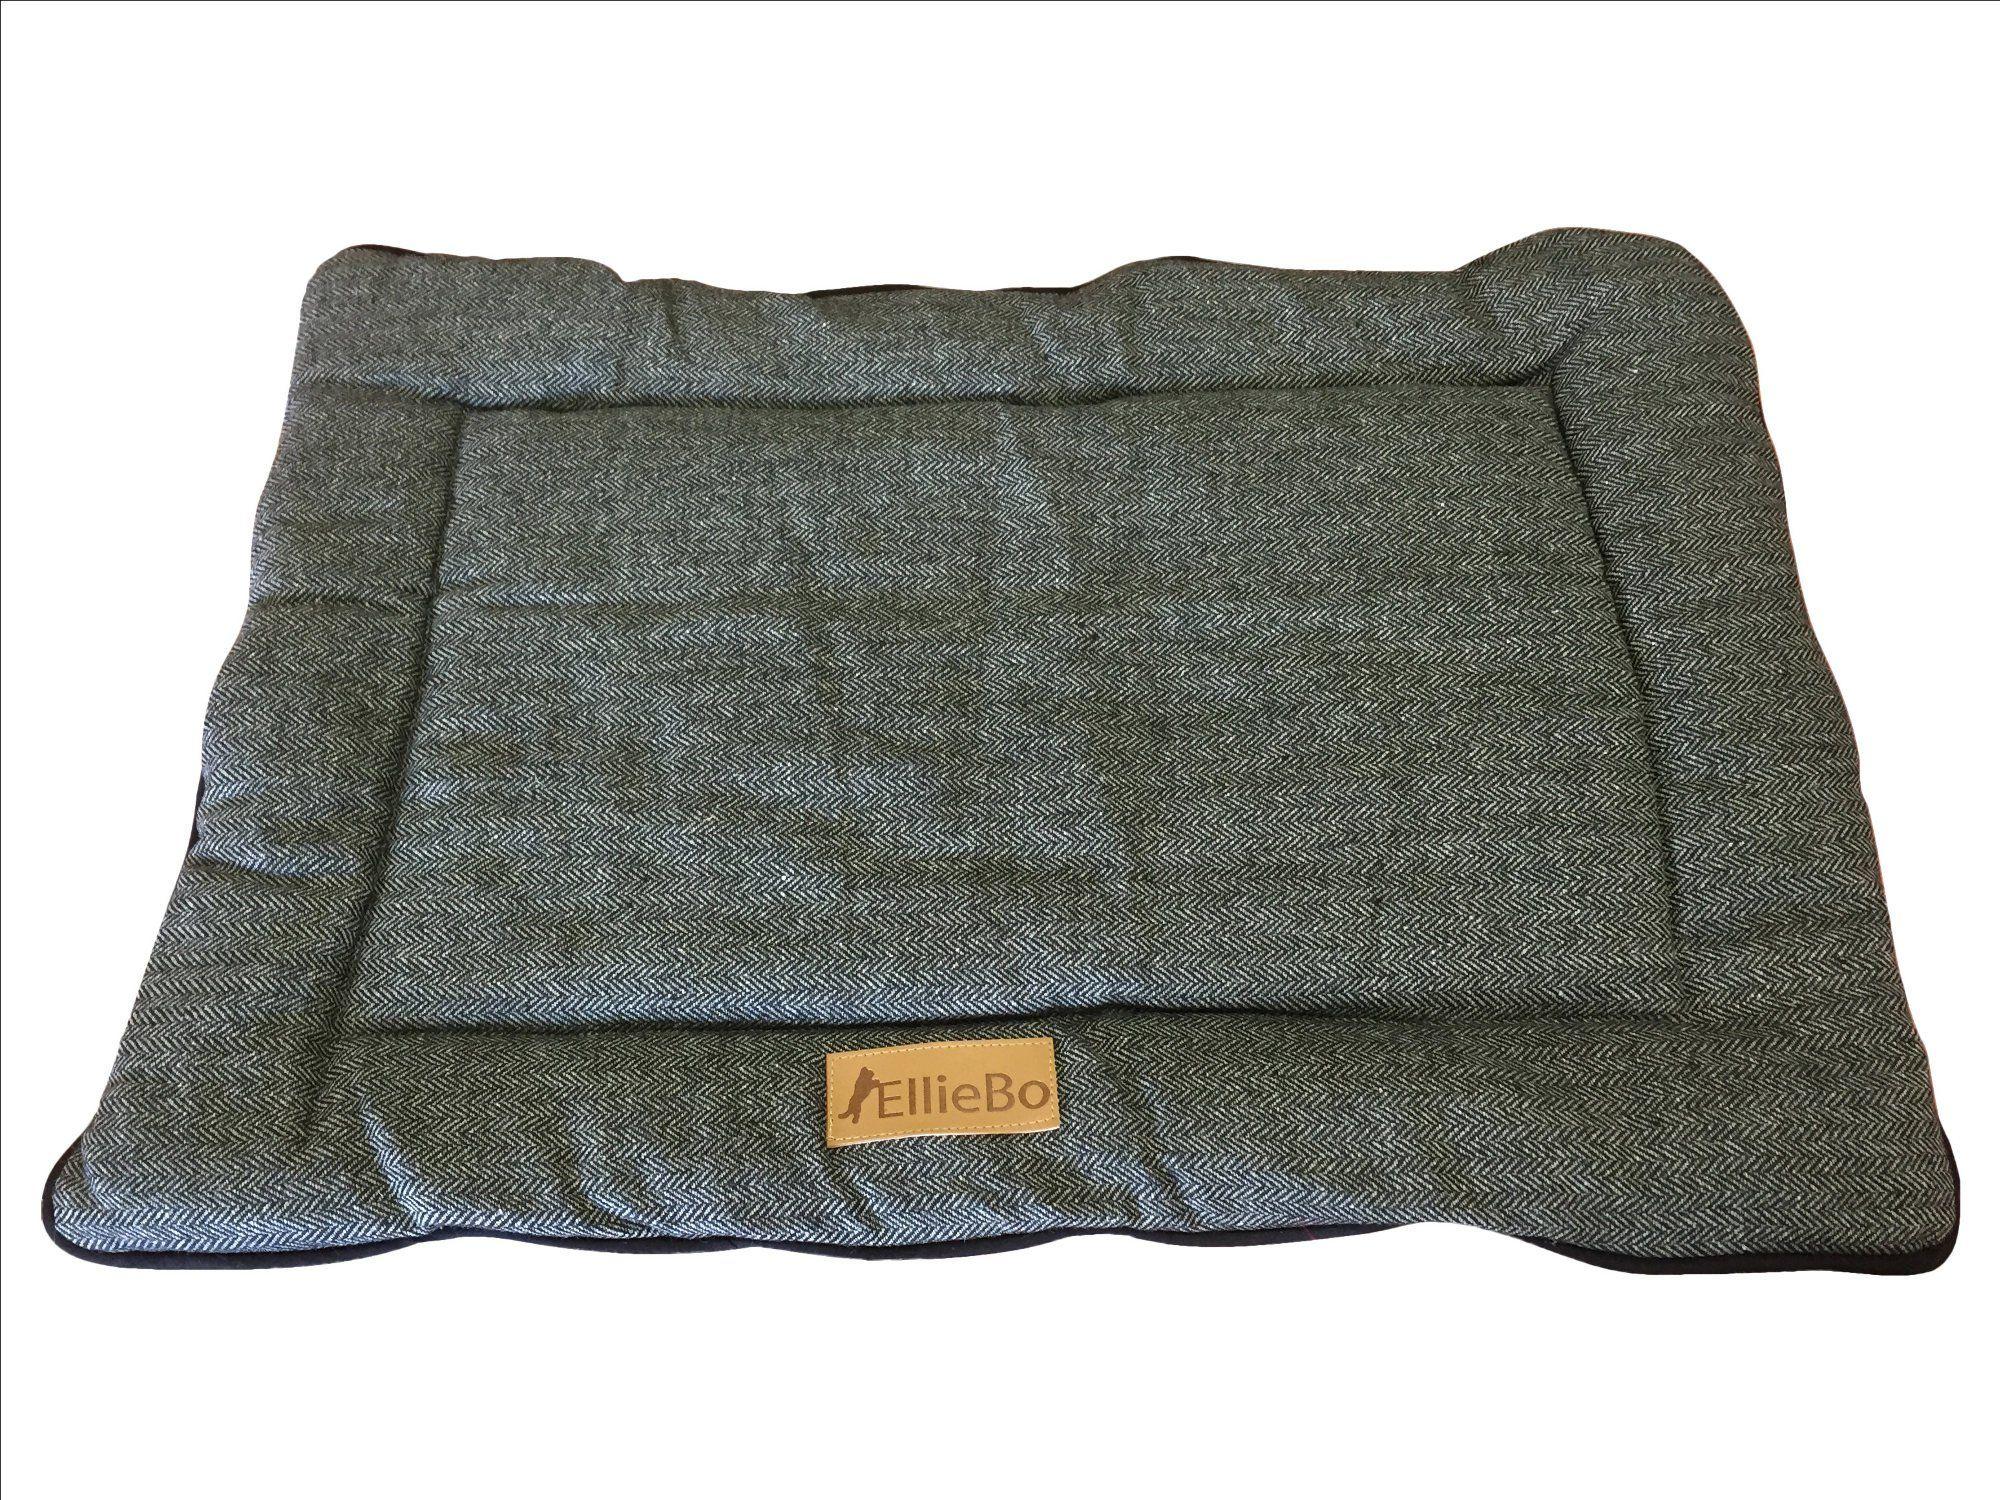 Ellie-Bo dwustronne tweedowe i szare sztuczne futro mata łóżko dla średnich 76 cm klatki i skrzynek dla psa szczeniaka